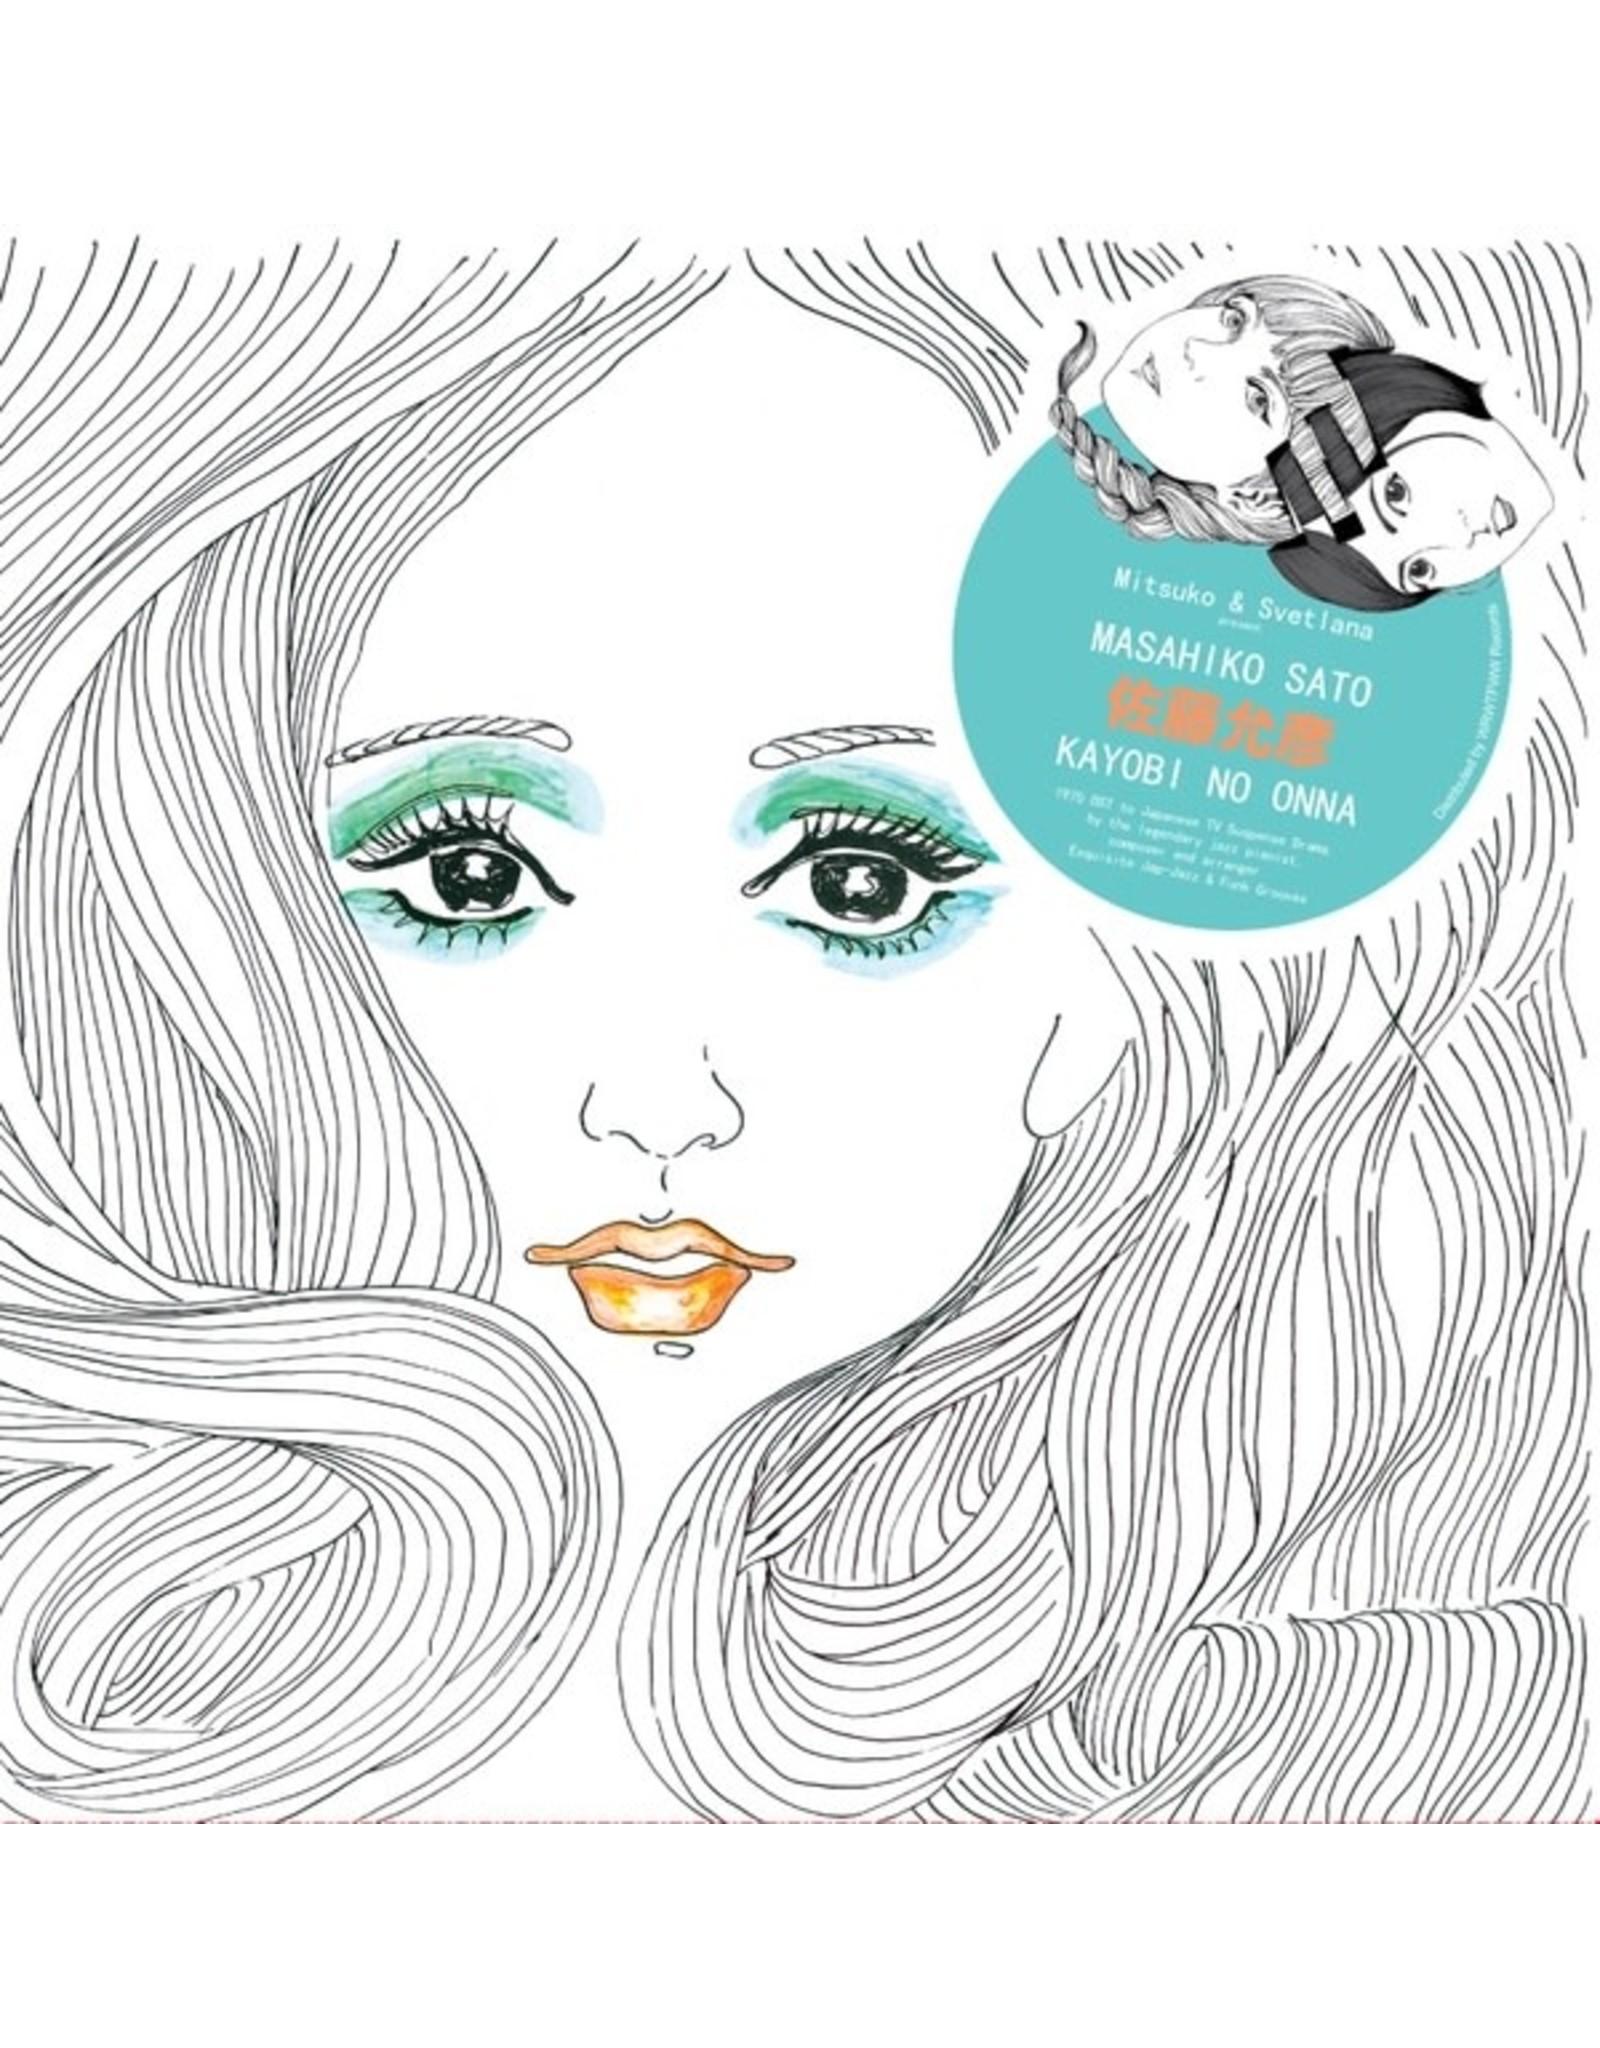 Mitsuko Satoh, Masahiko: Kayobi No Onna LP